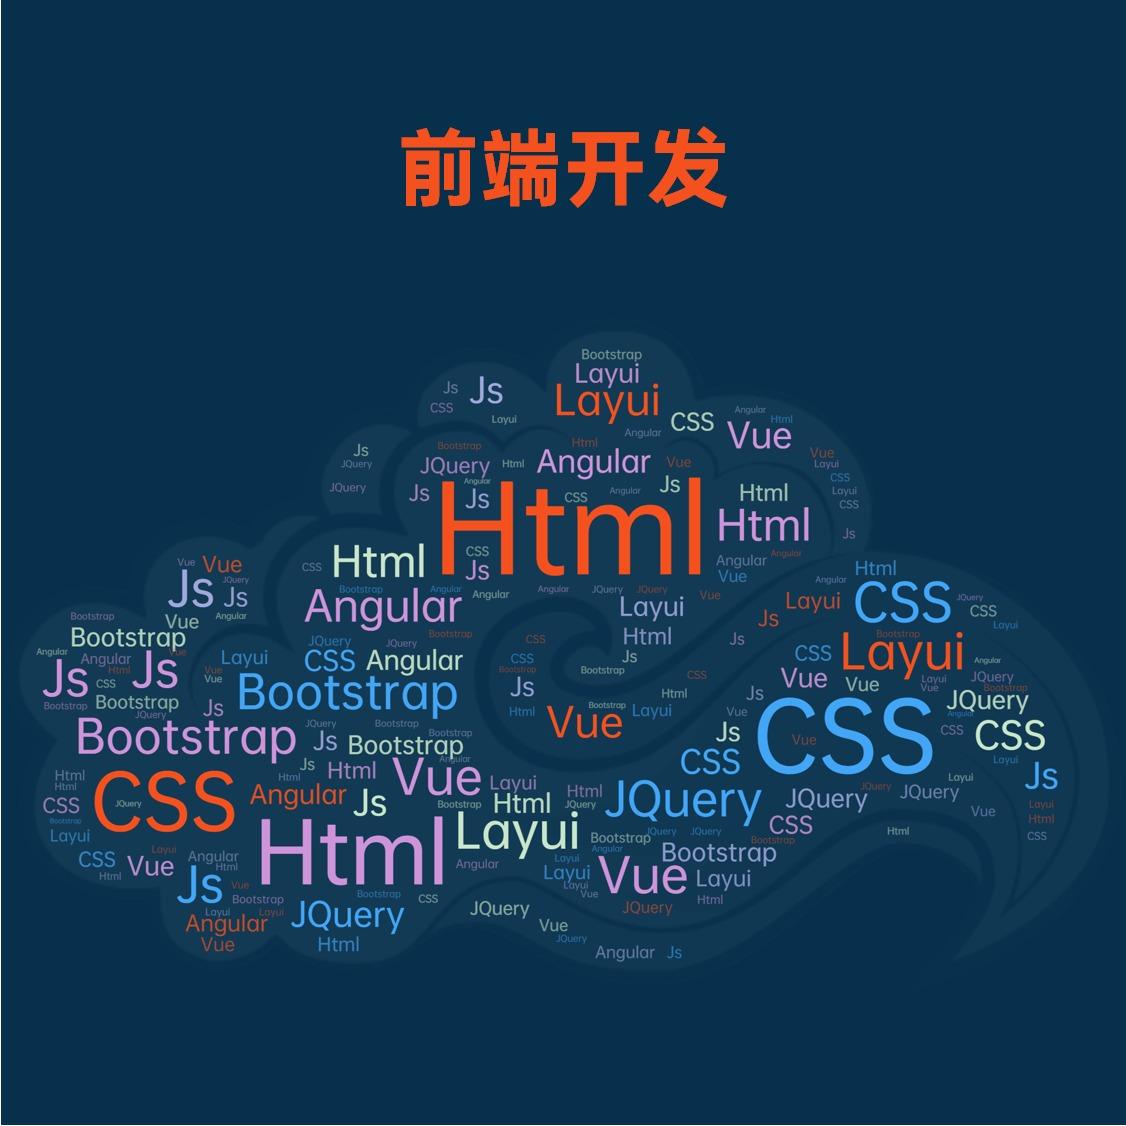 前端开发切图前端交互响应布局组件开发移动前端前后端定制